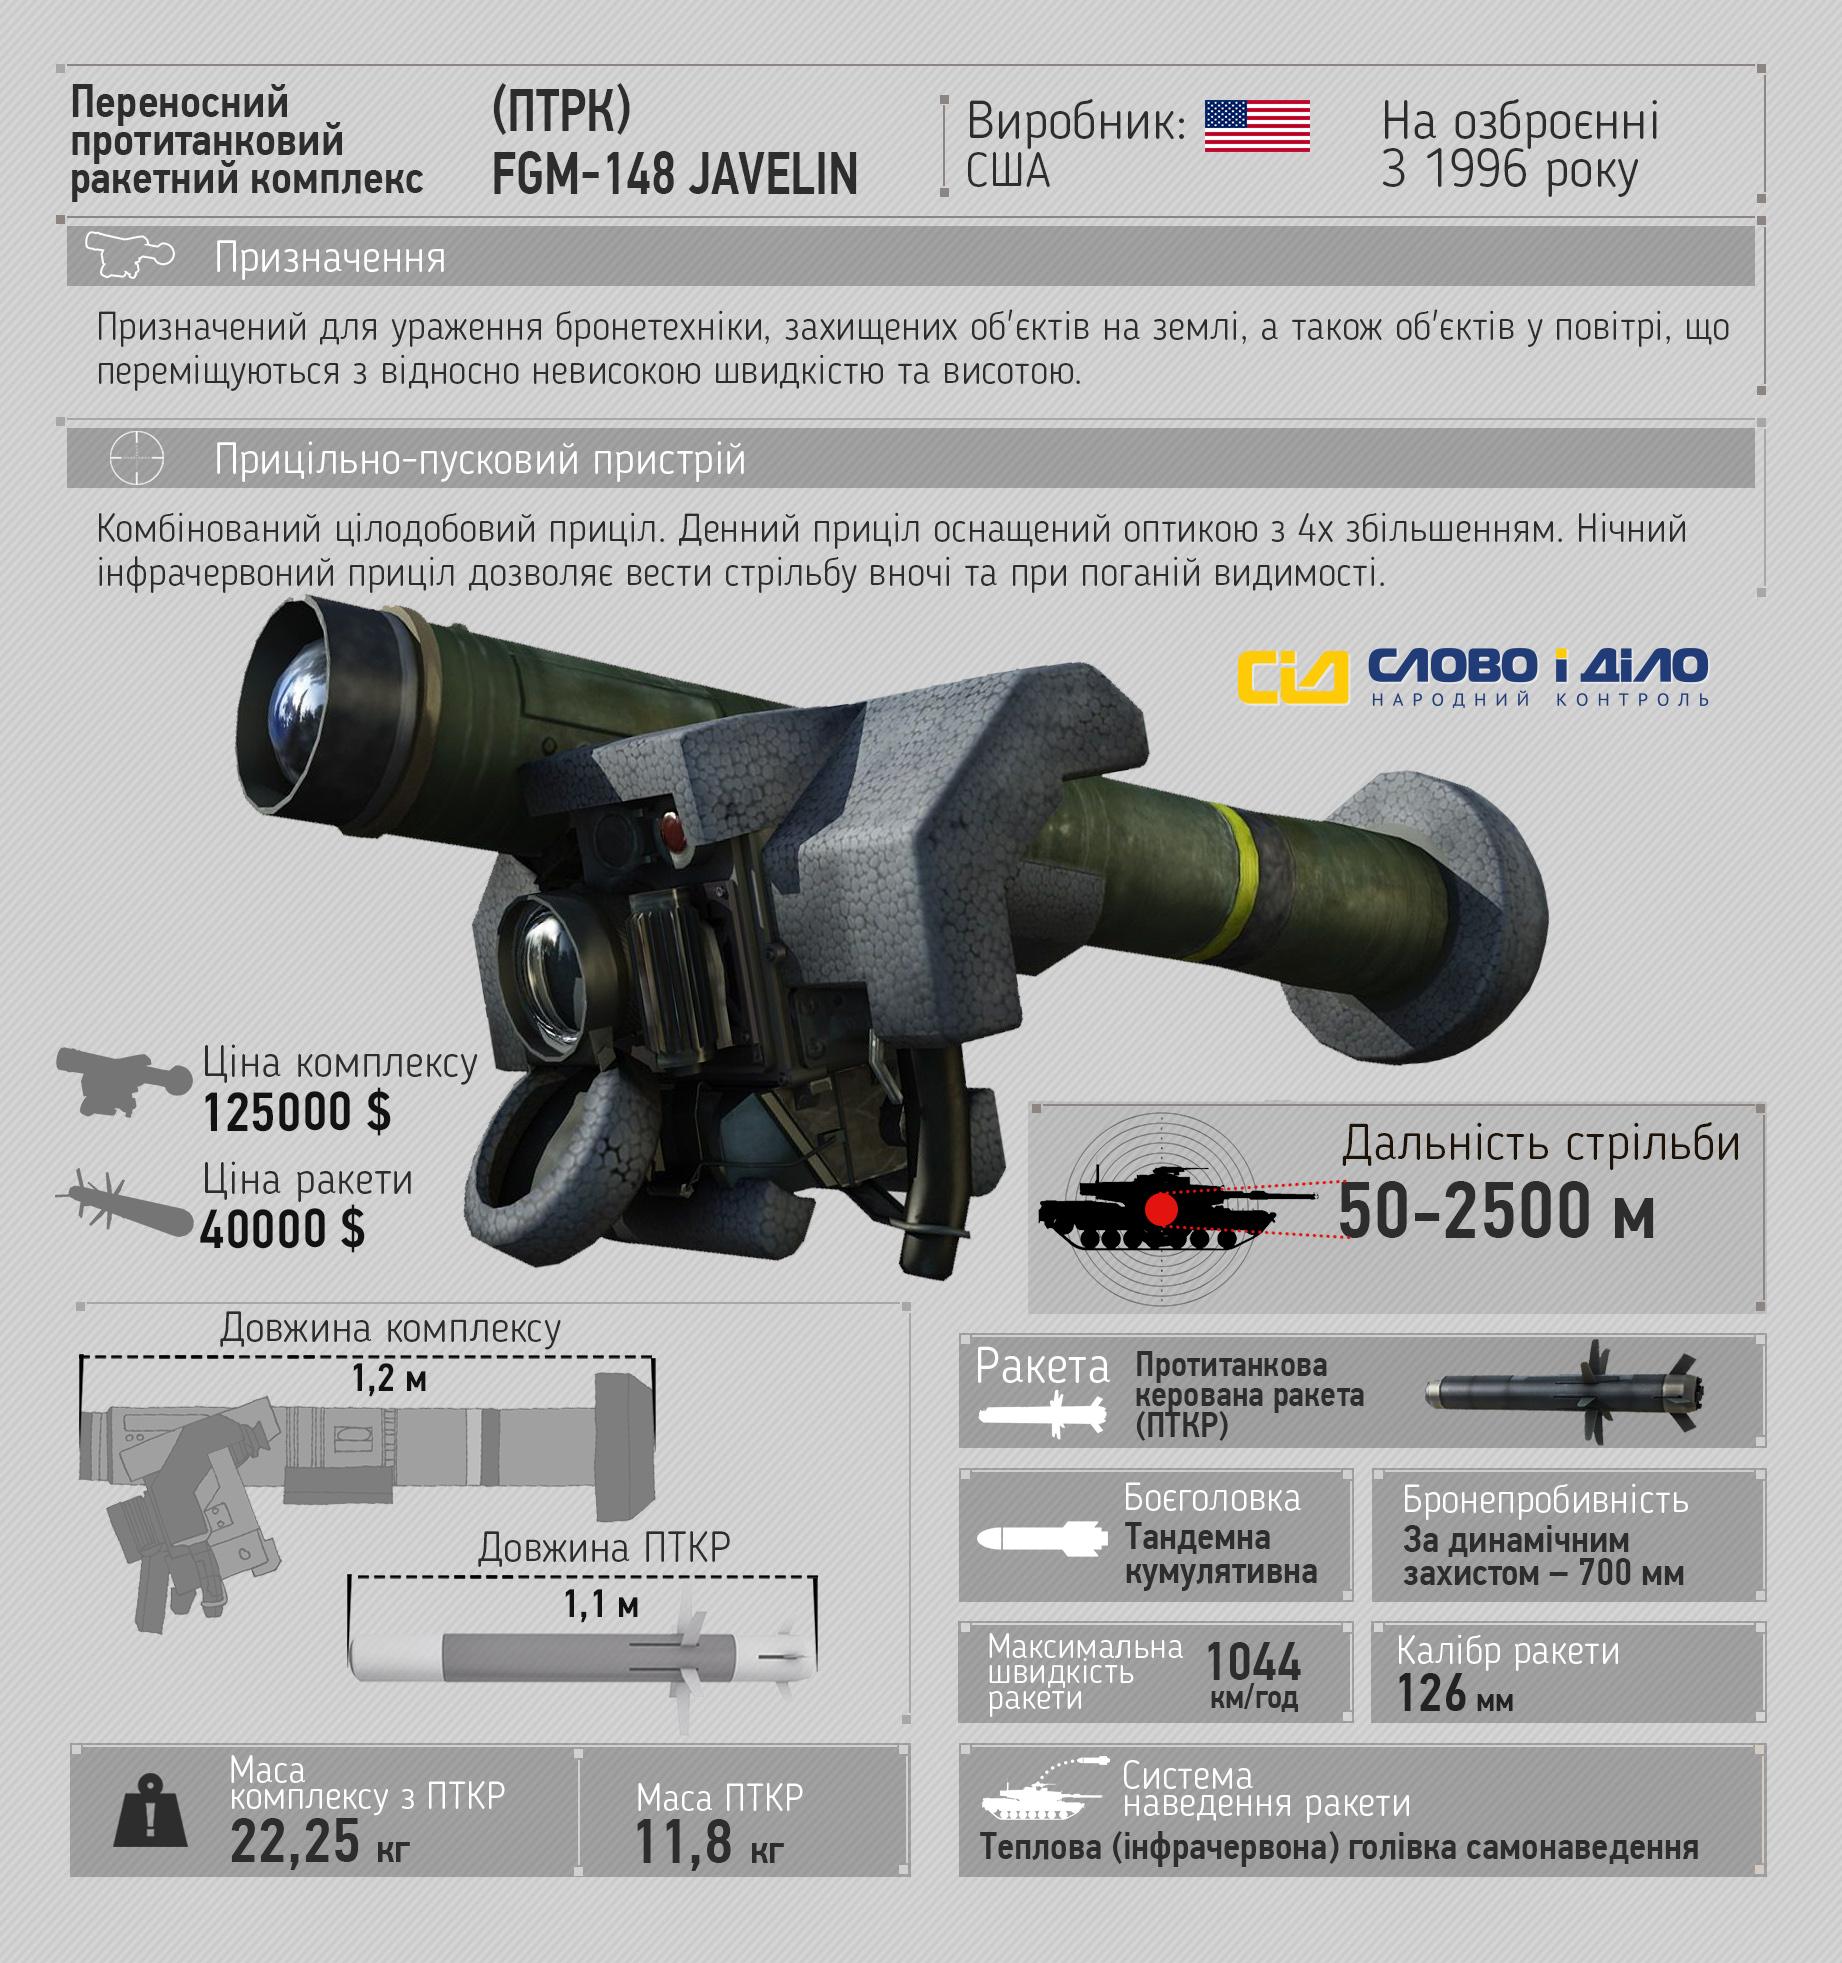 Американские противотанковые ракетные комплексы многими воспринимались как панацея